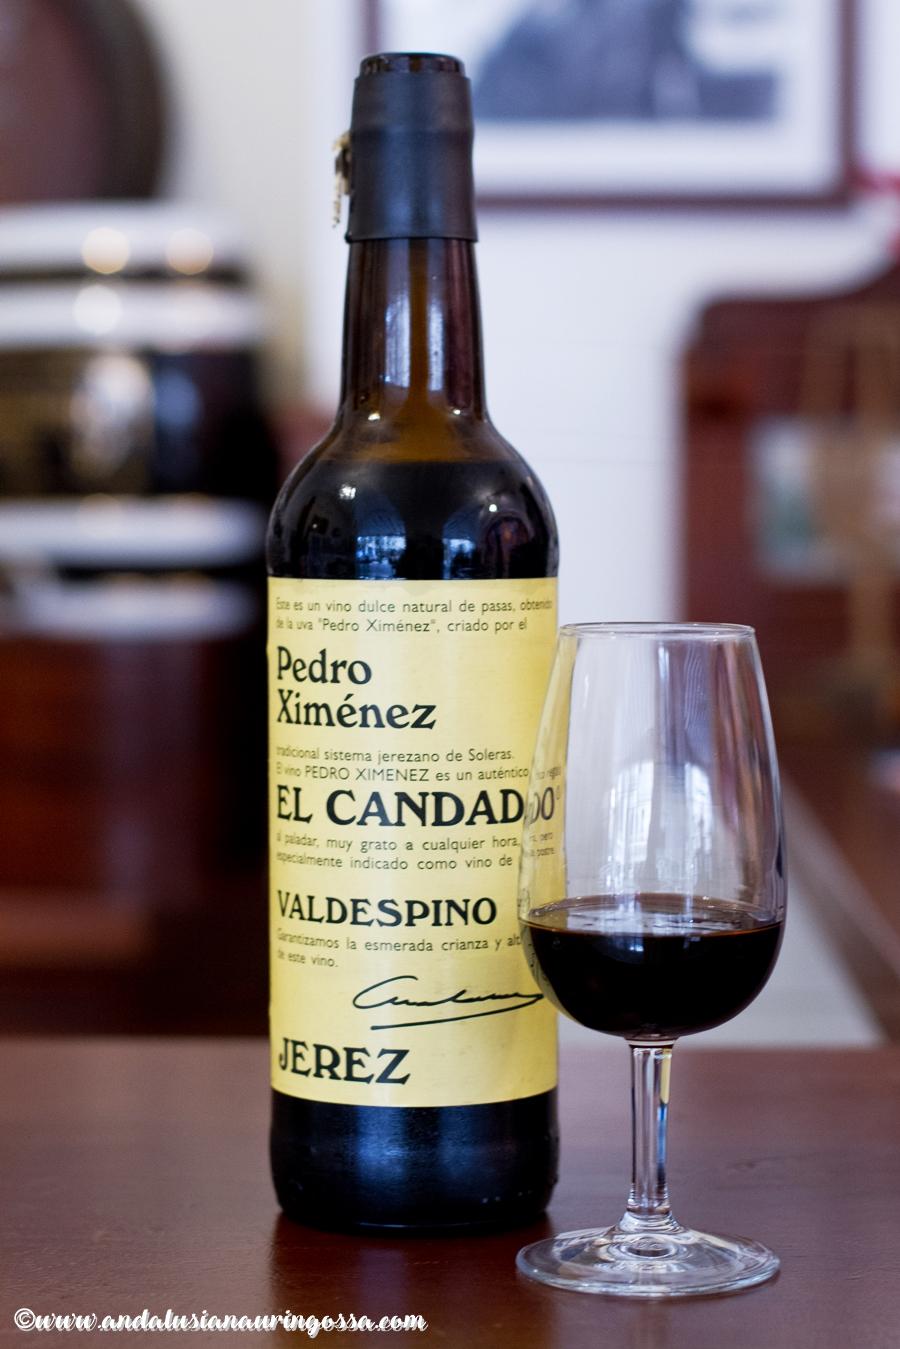 Andalusian auringossa_ruokablogi_viiniblogi_sherry_sherry ruoanlaitossa_miten kayttaa sherrya keittiossa